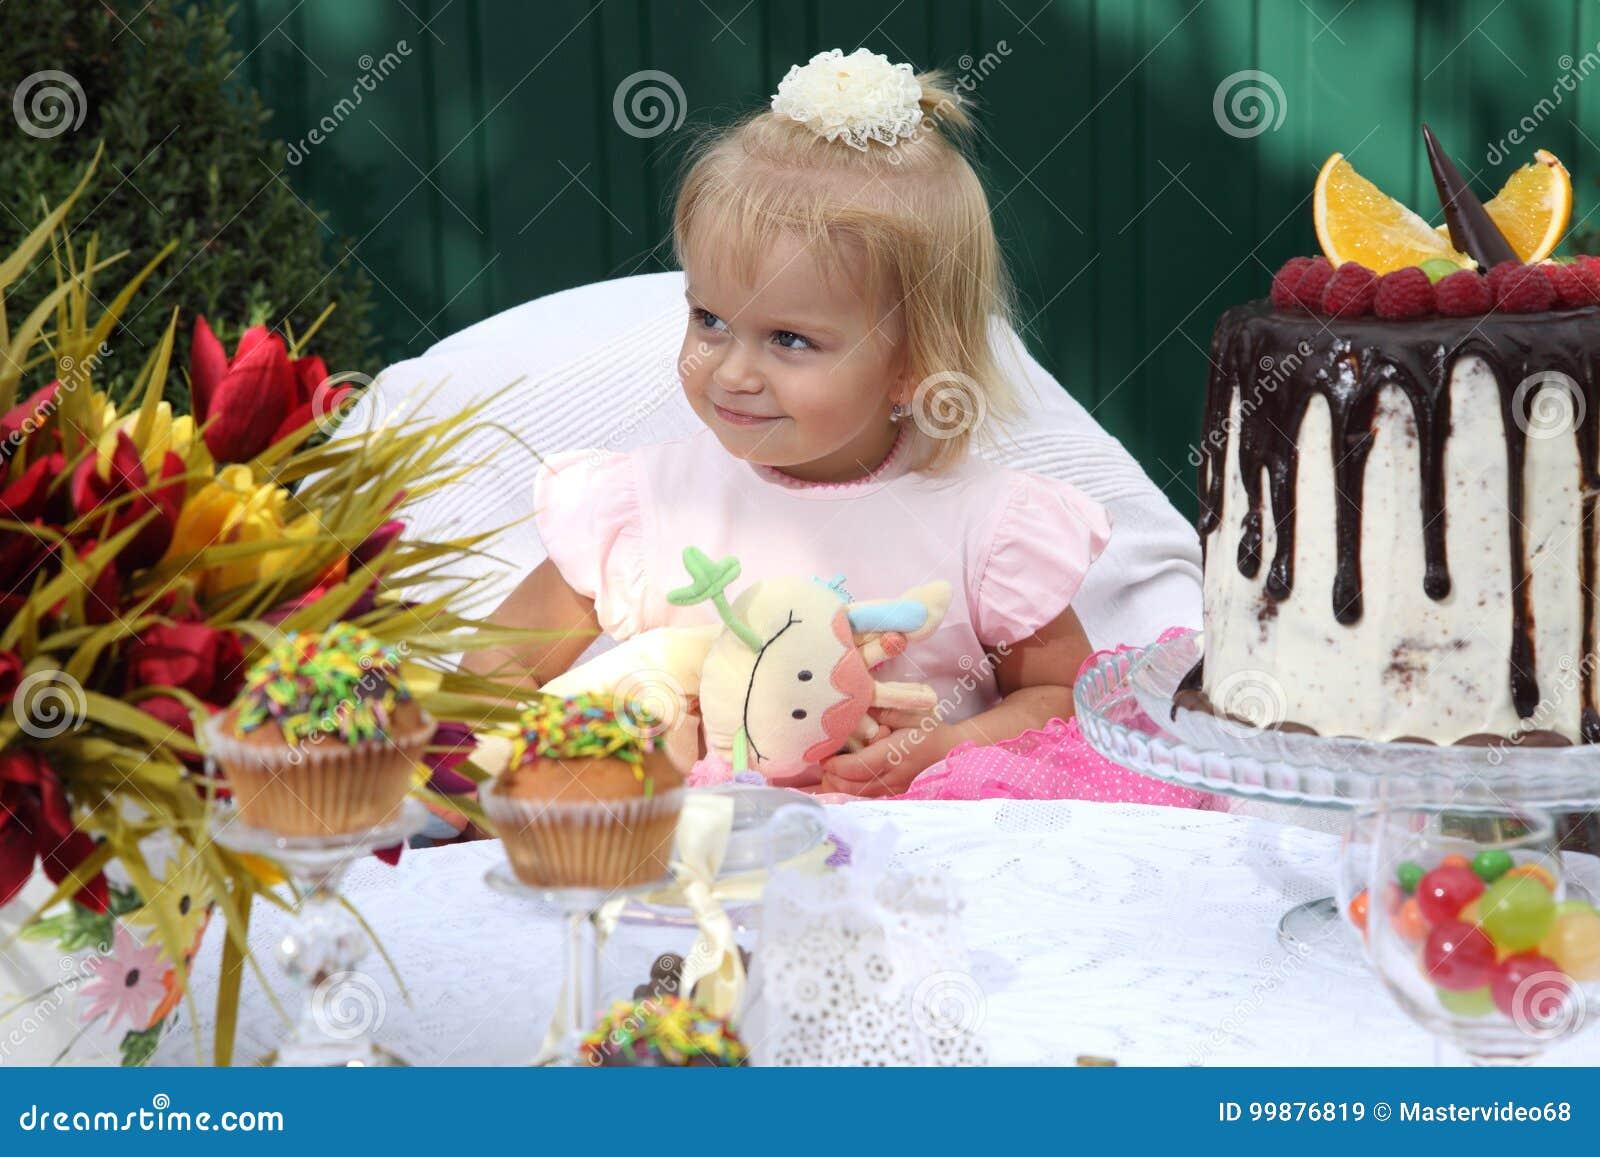 Ein Kleines Weiss Haariges Madchen Von Zwei Jahren Versucht Einen